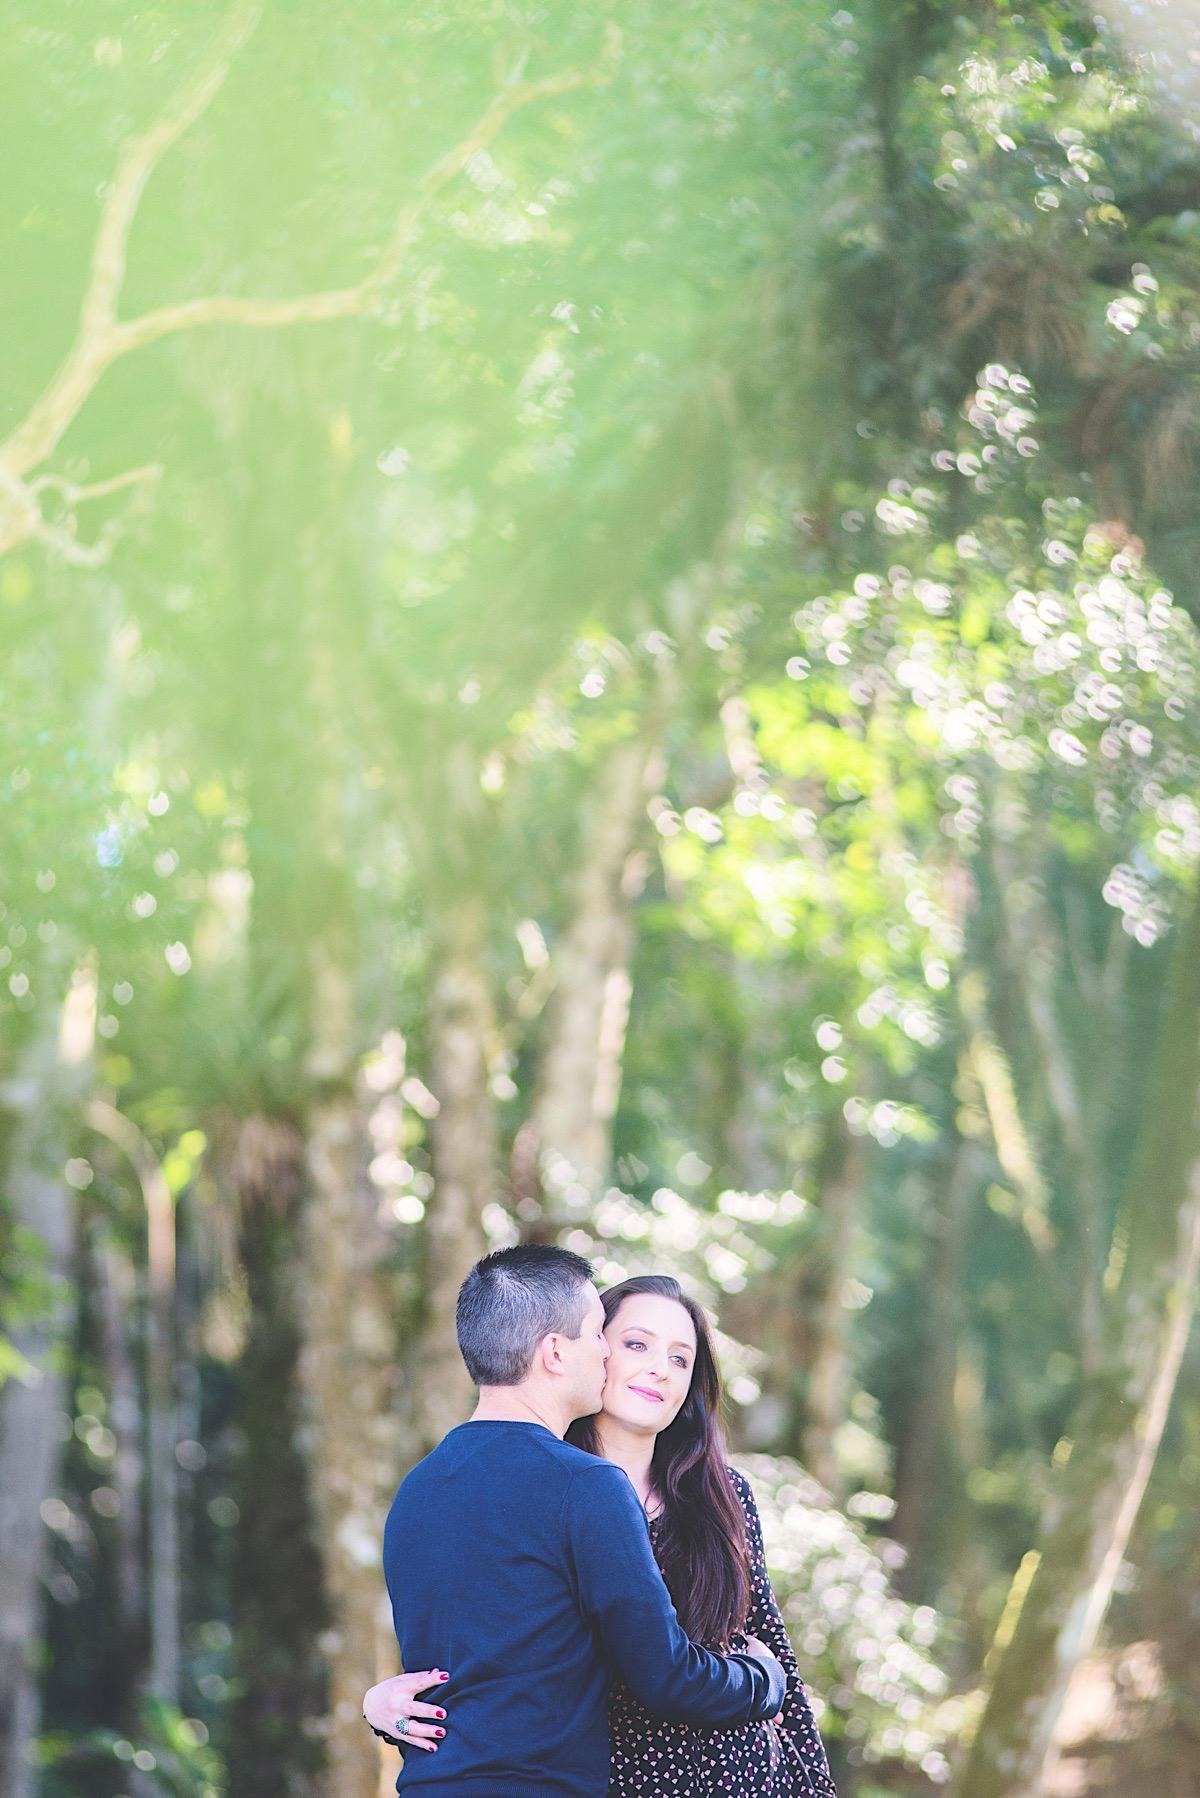 ensaio casal - vando - silvana - casal - são bento do sul - fotógrafo são bento do sul - chroma fotografia